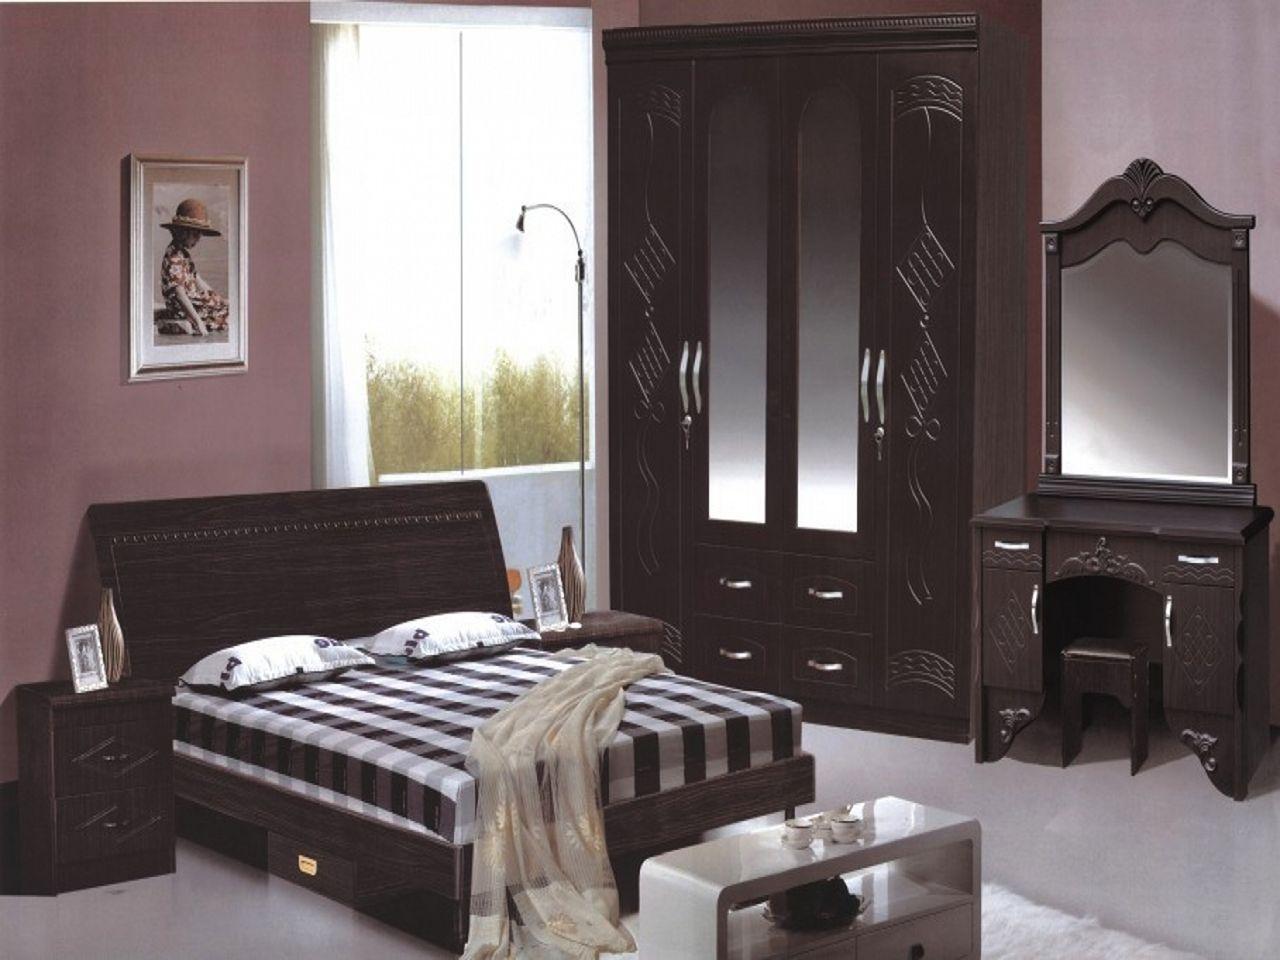 Design Master Bedroom Furniture